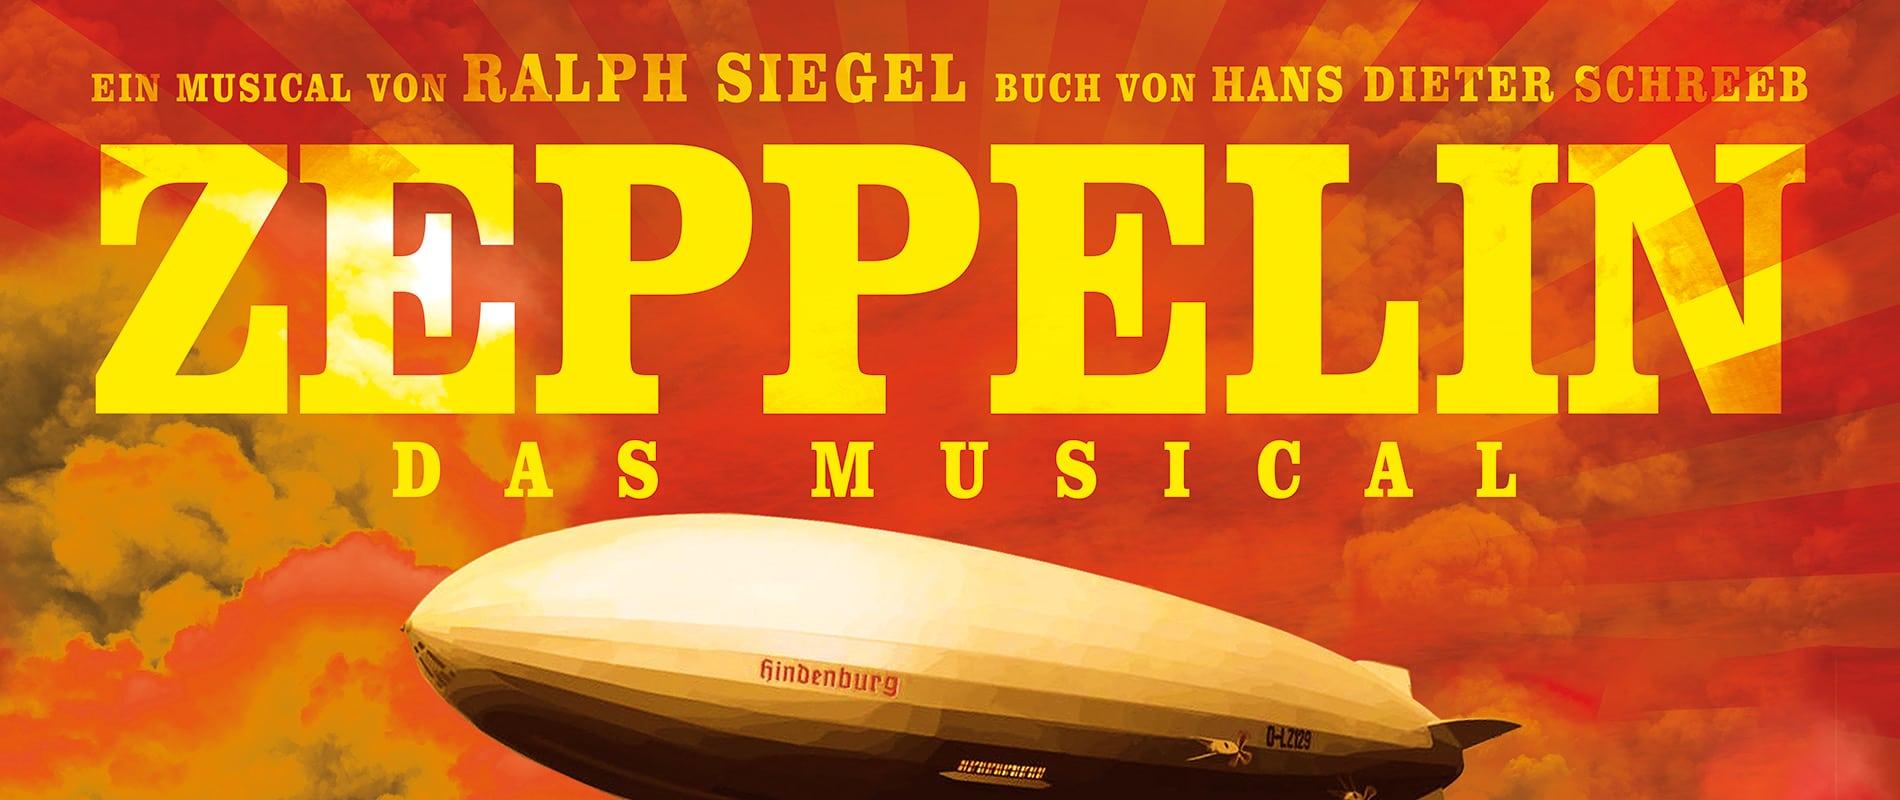 Thomas Borchert @ ZEPPELIN - Das Musical in Füssen